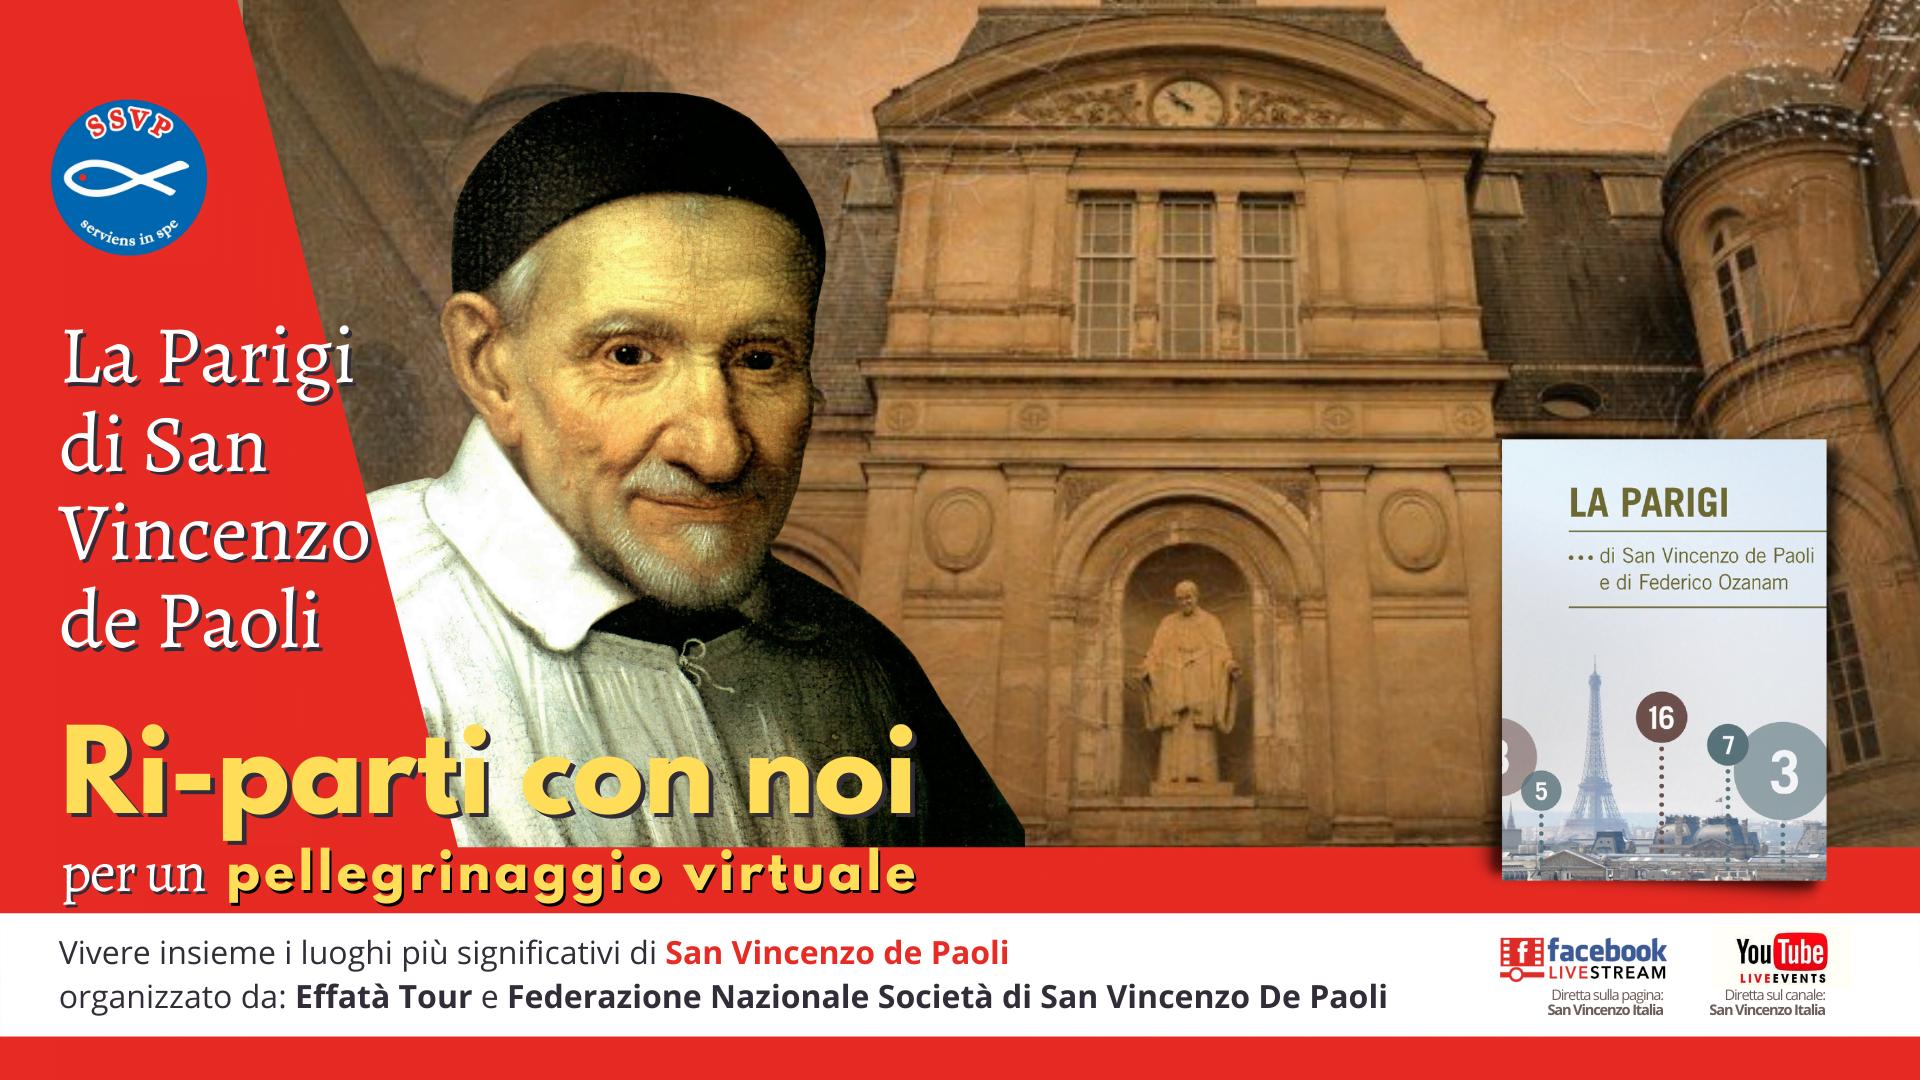 La Parigi di San Vincenzo De Paoli (1)